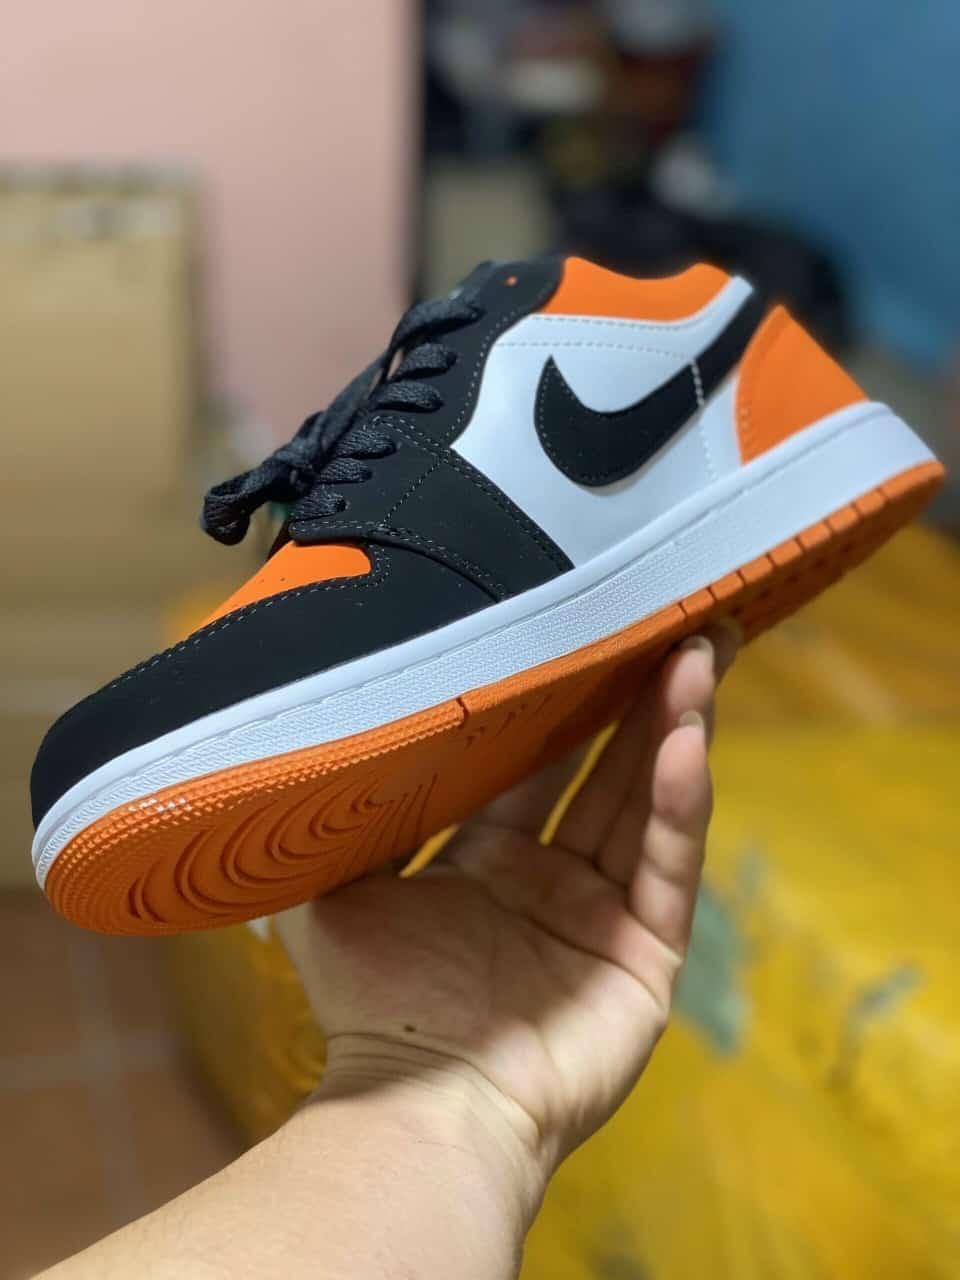 Giày Jordan 1 Low Cam rep 1:1 bền bỉ, mua một lần dùng lâu dài